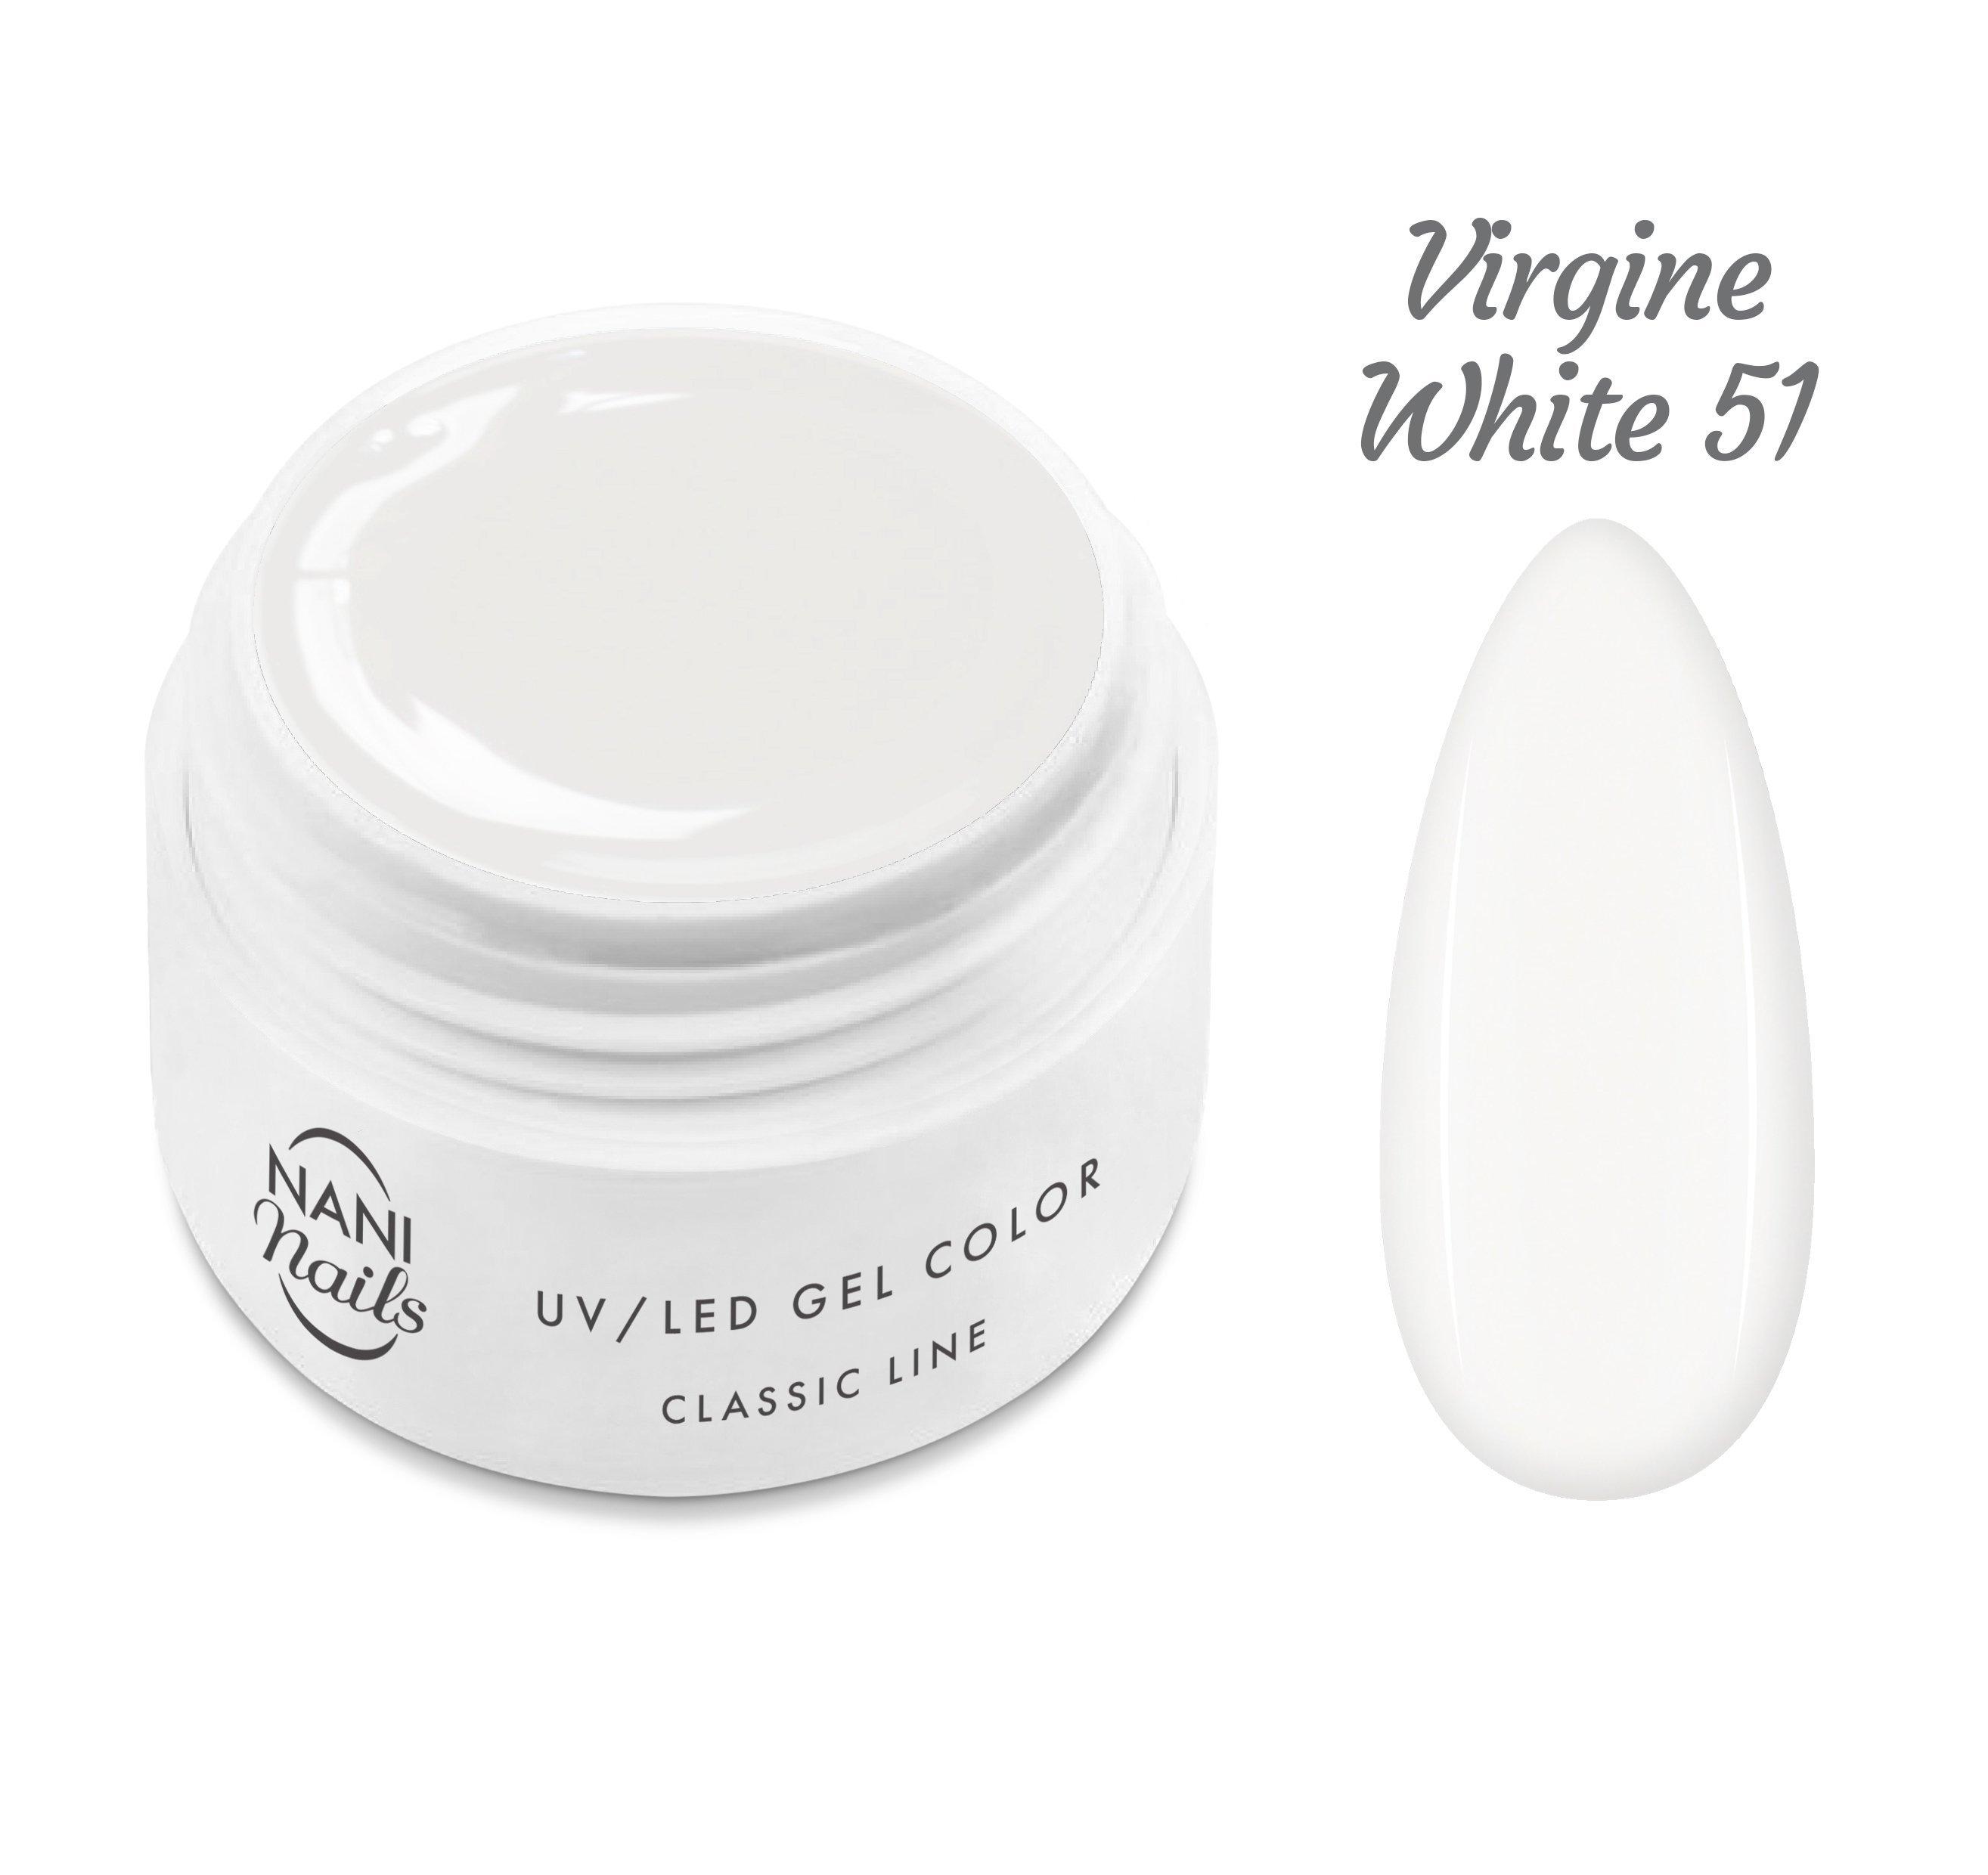 NANI UV gél Classic Line 5 ml - Virgine White